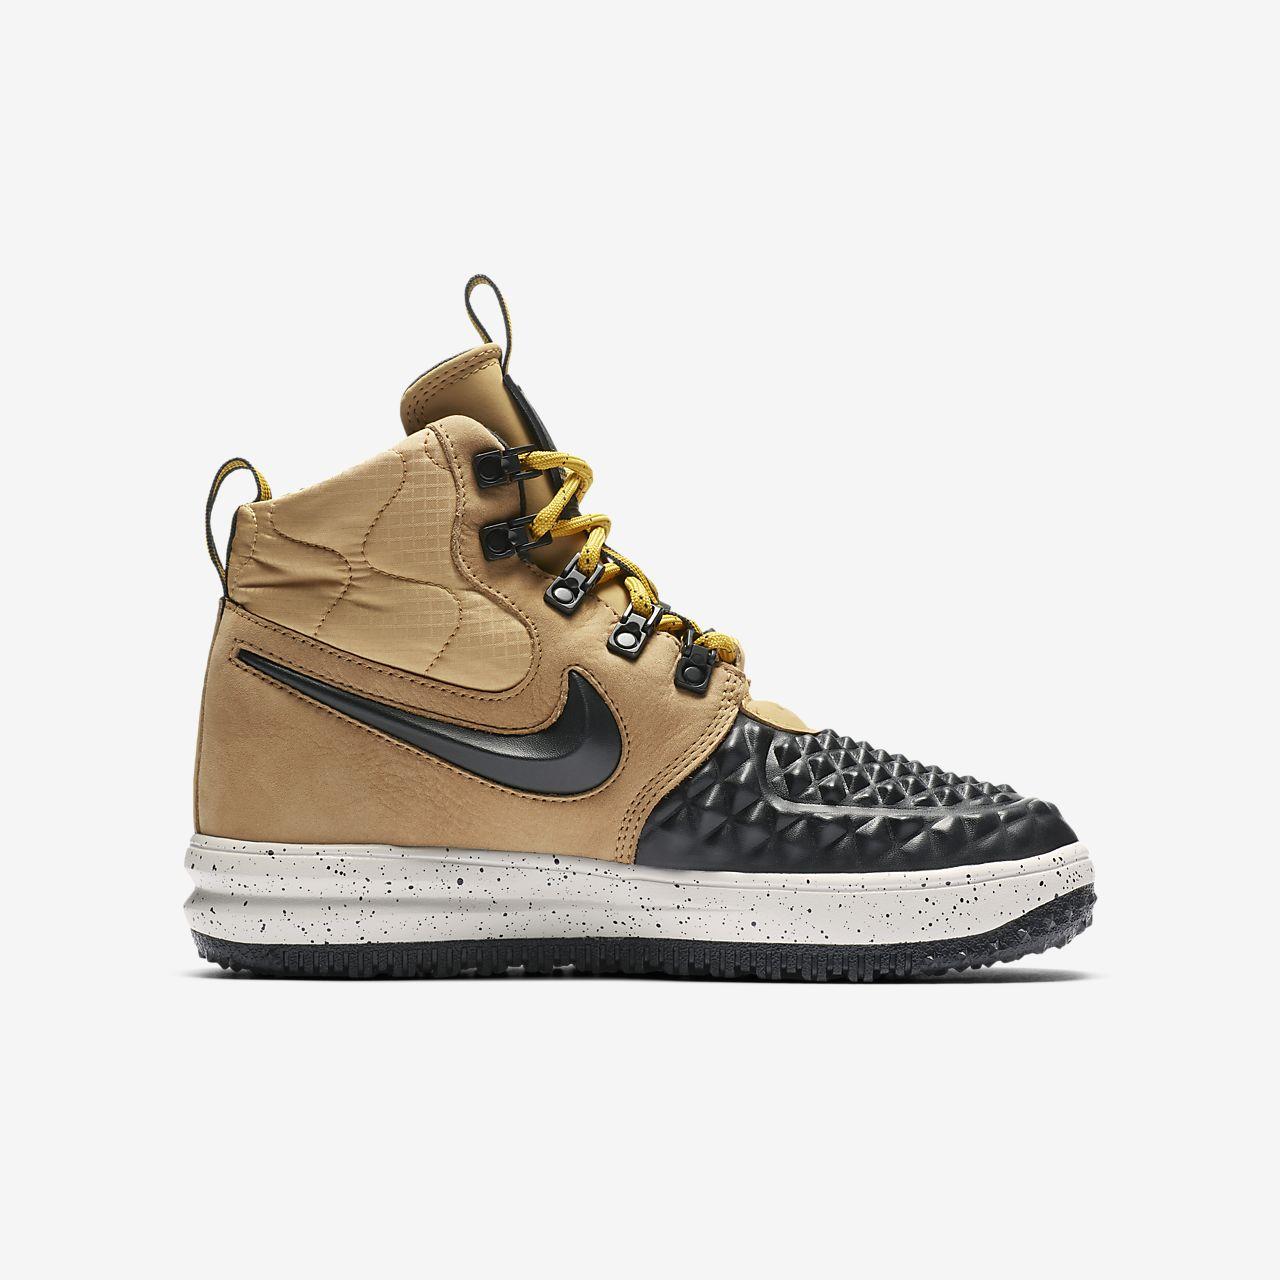 Nike Lunaire Foce 1 17 Chaussures Bateau Canard E ySX1m